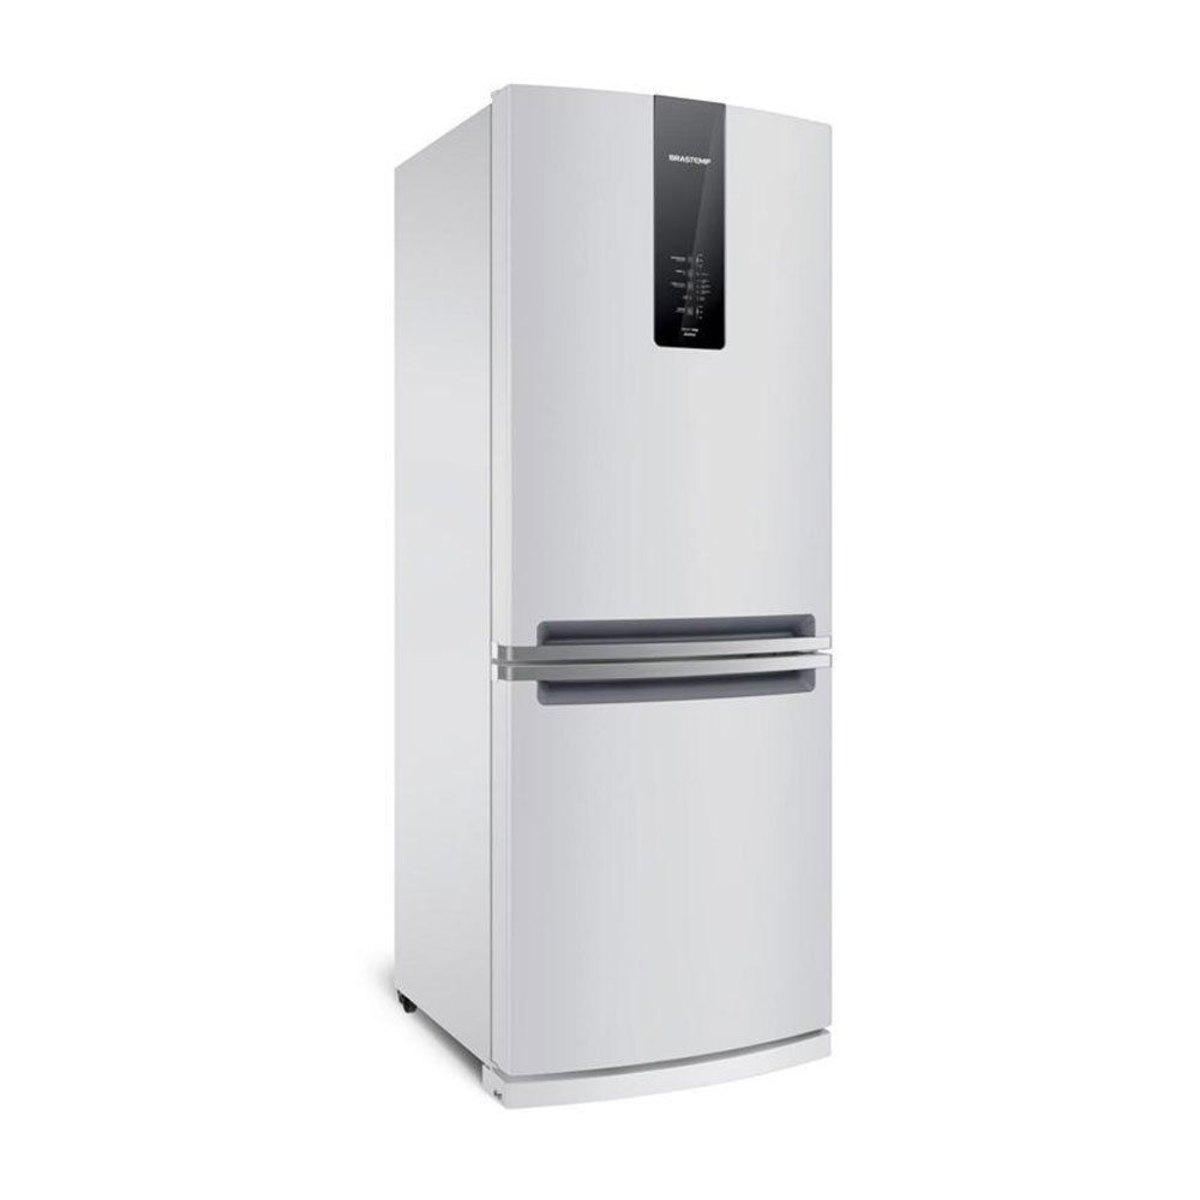 Geladeira/refrigerador 443 Litros 2 Portas Branco - Brastemp - 110v - Bre57abana